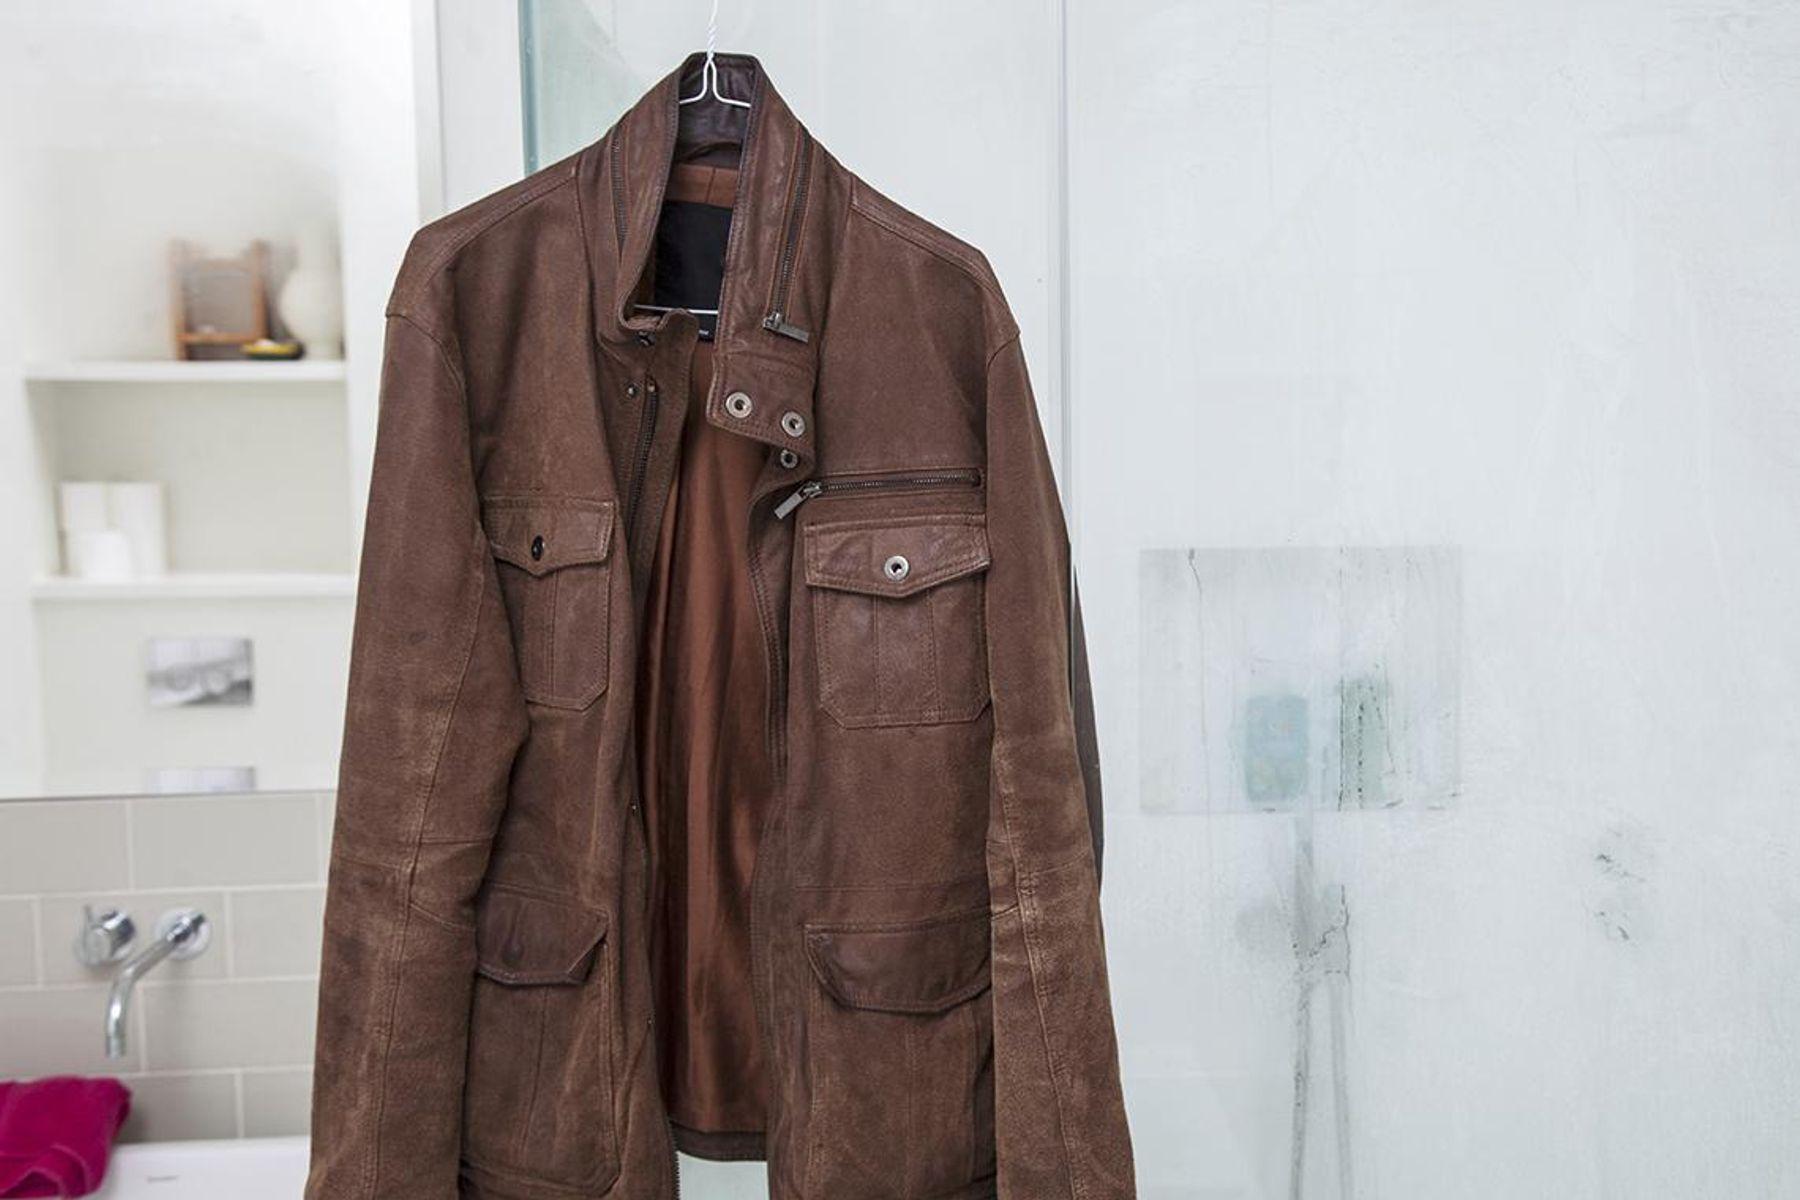 Casaco de couro marrom pendurado no box do chuveiro